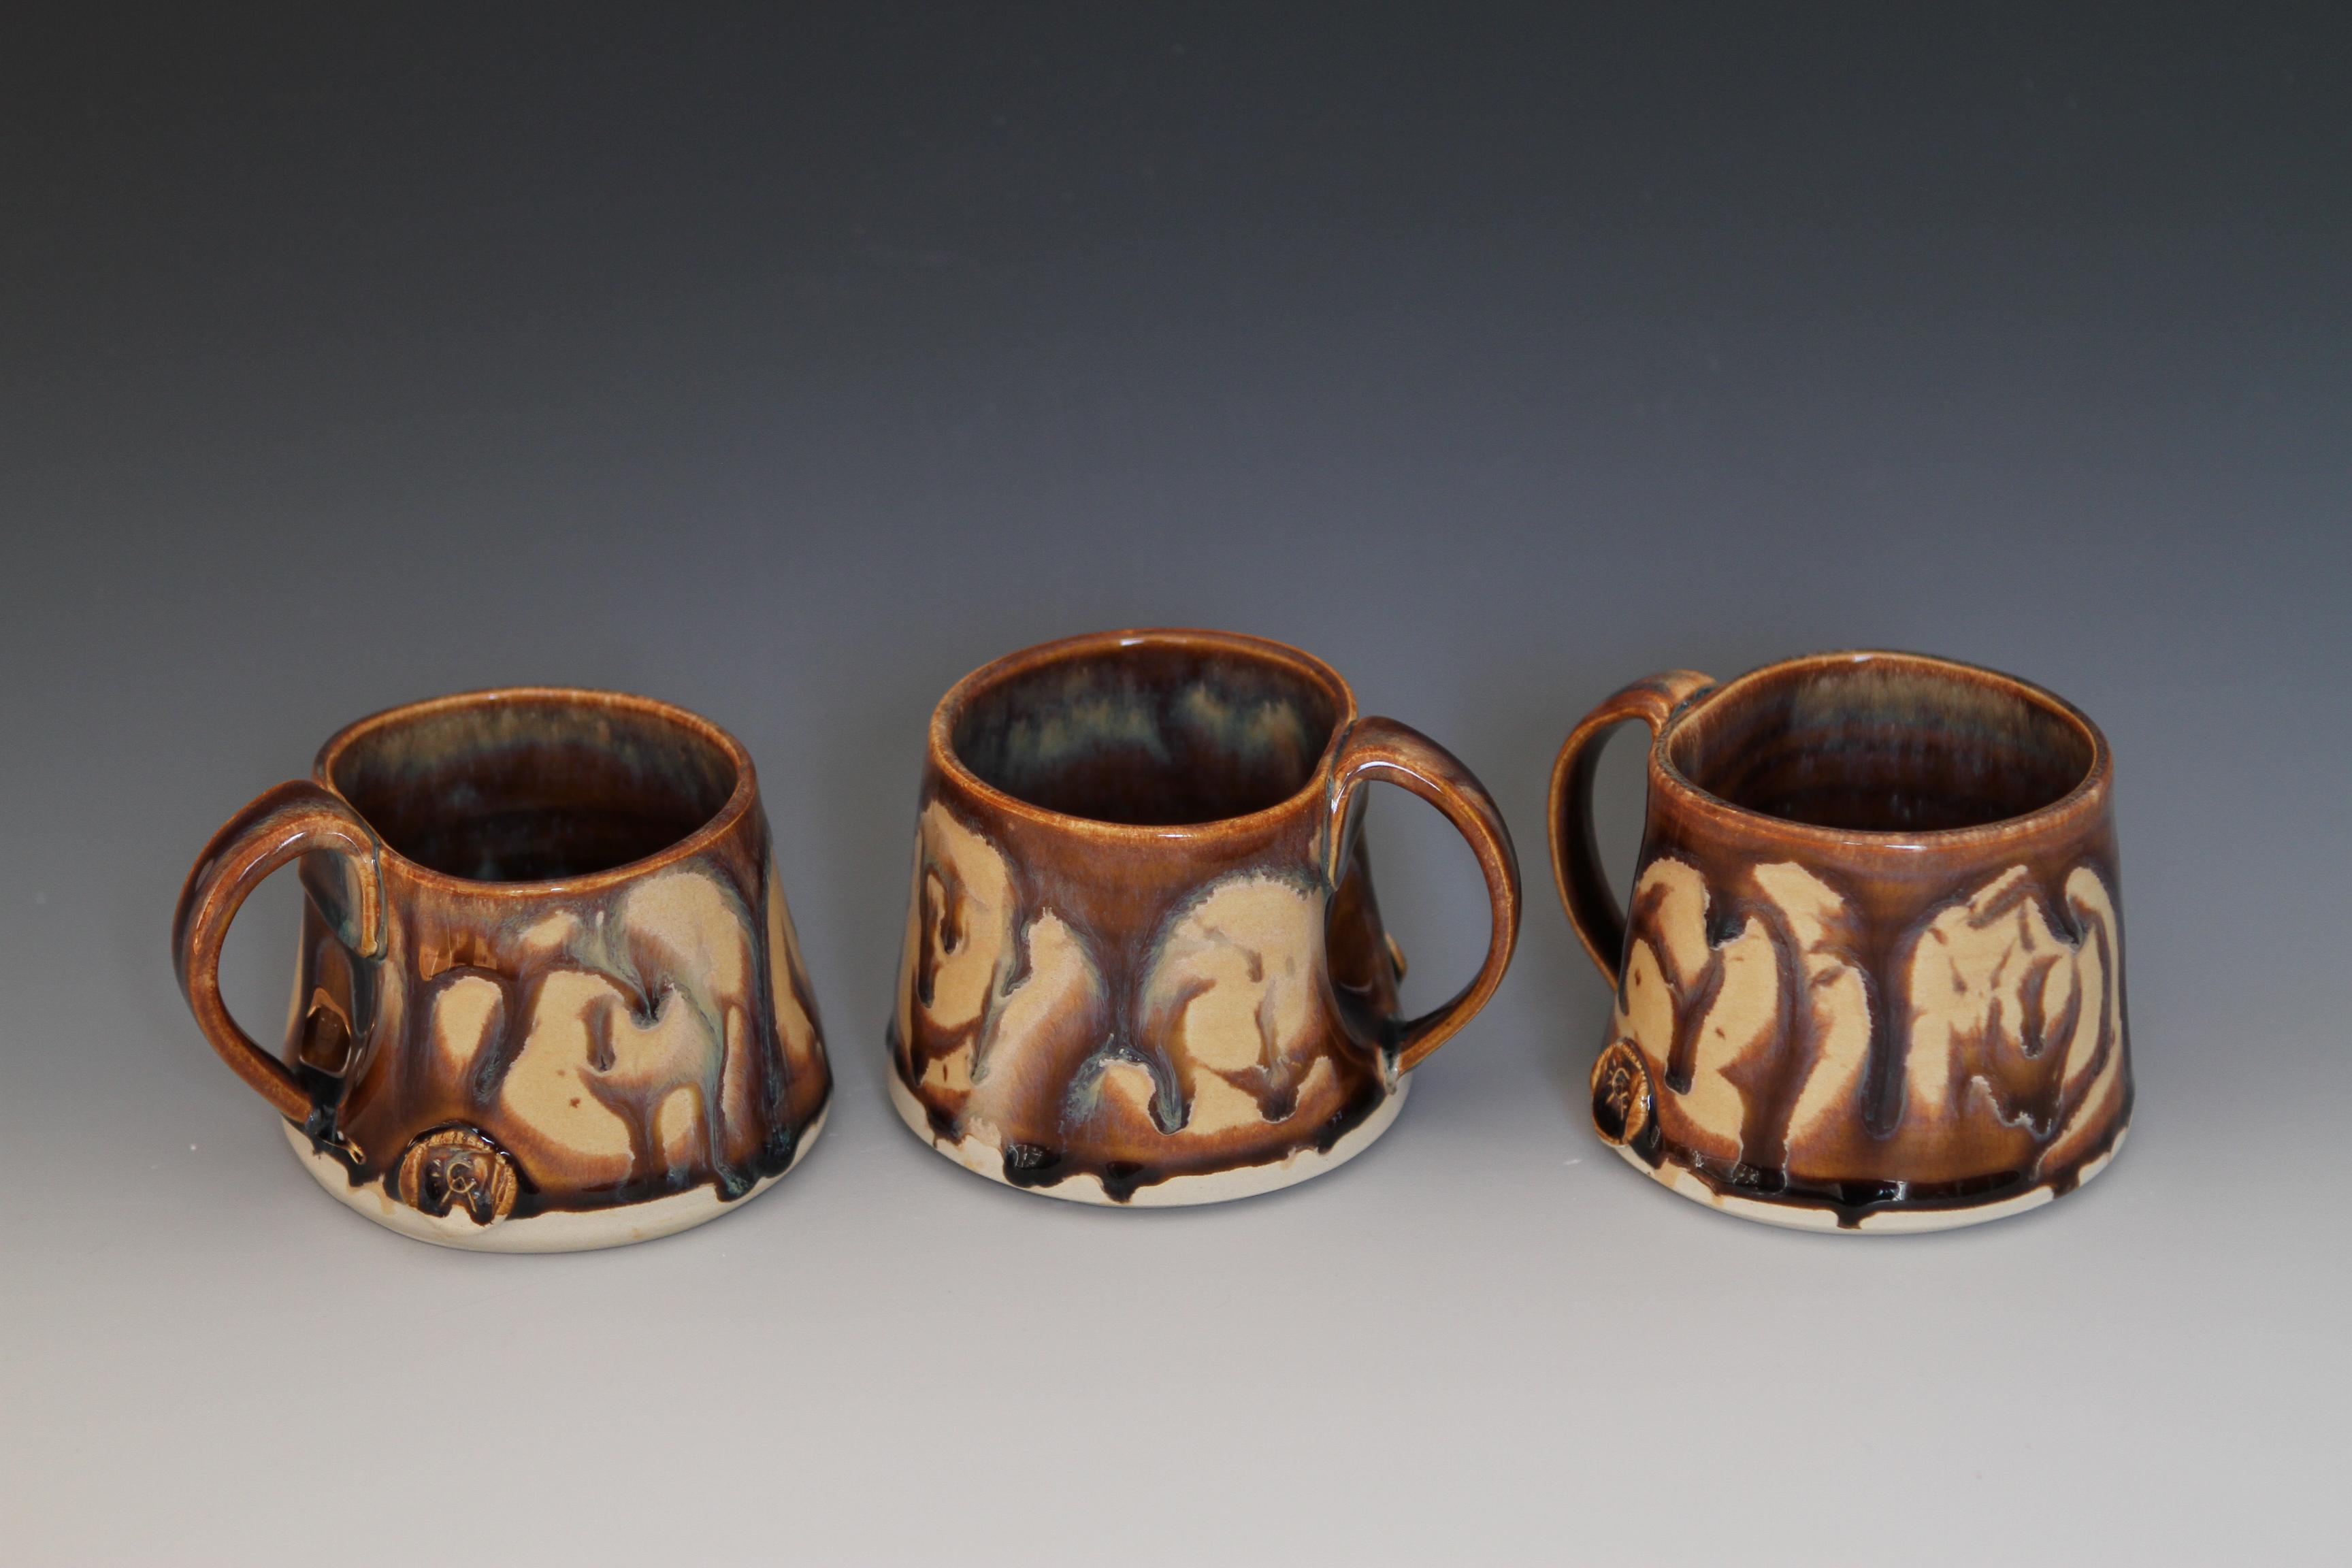 Short Brown Swirl Mugs